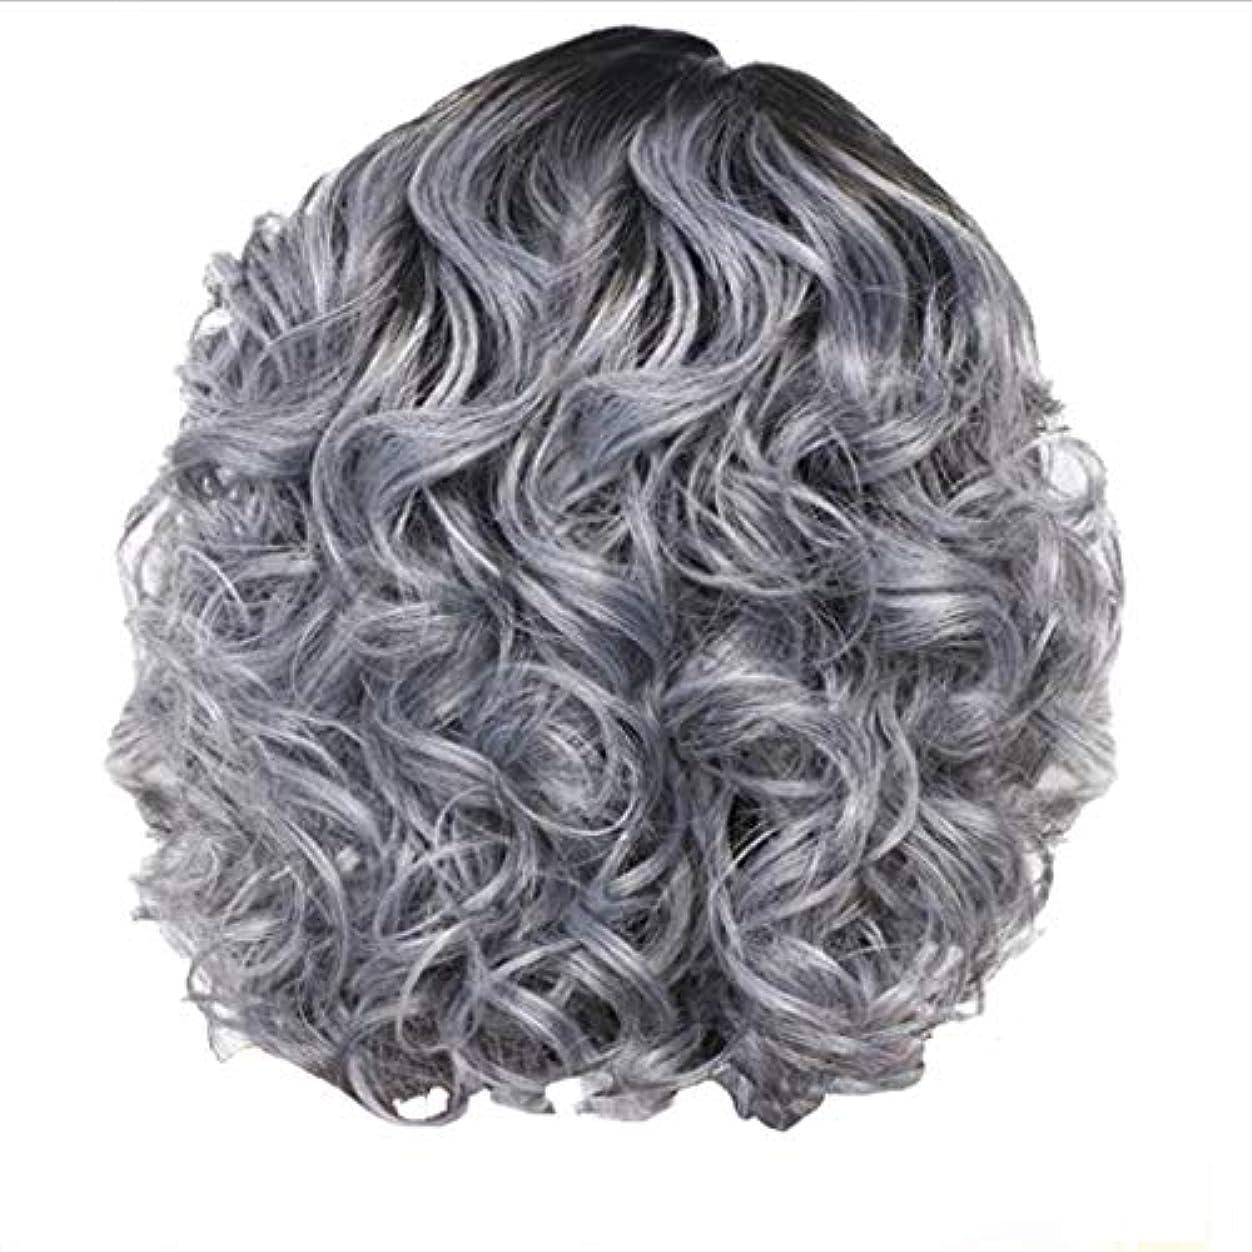 選択割り込み閃光かつら女性の短い巻き毛シルバーグレーレトロ巻き毛ネット30 cm